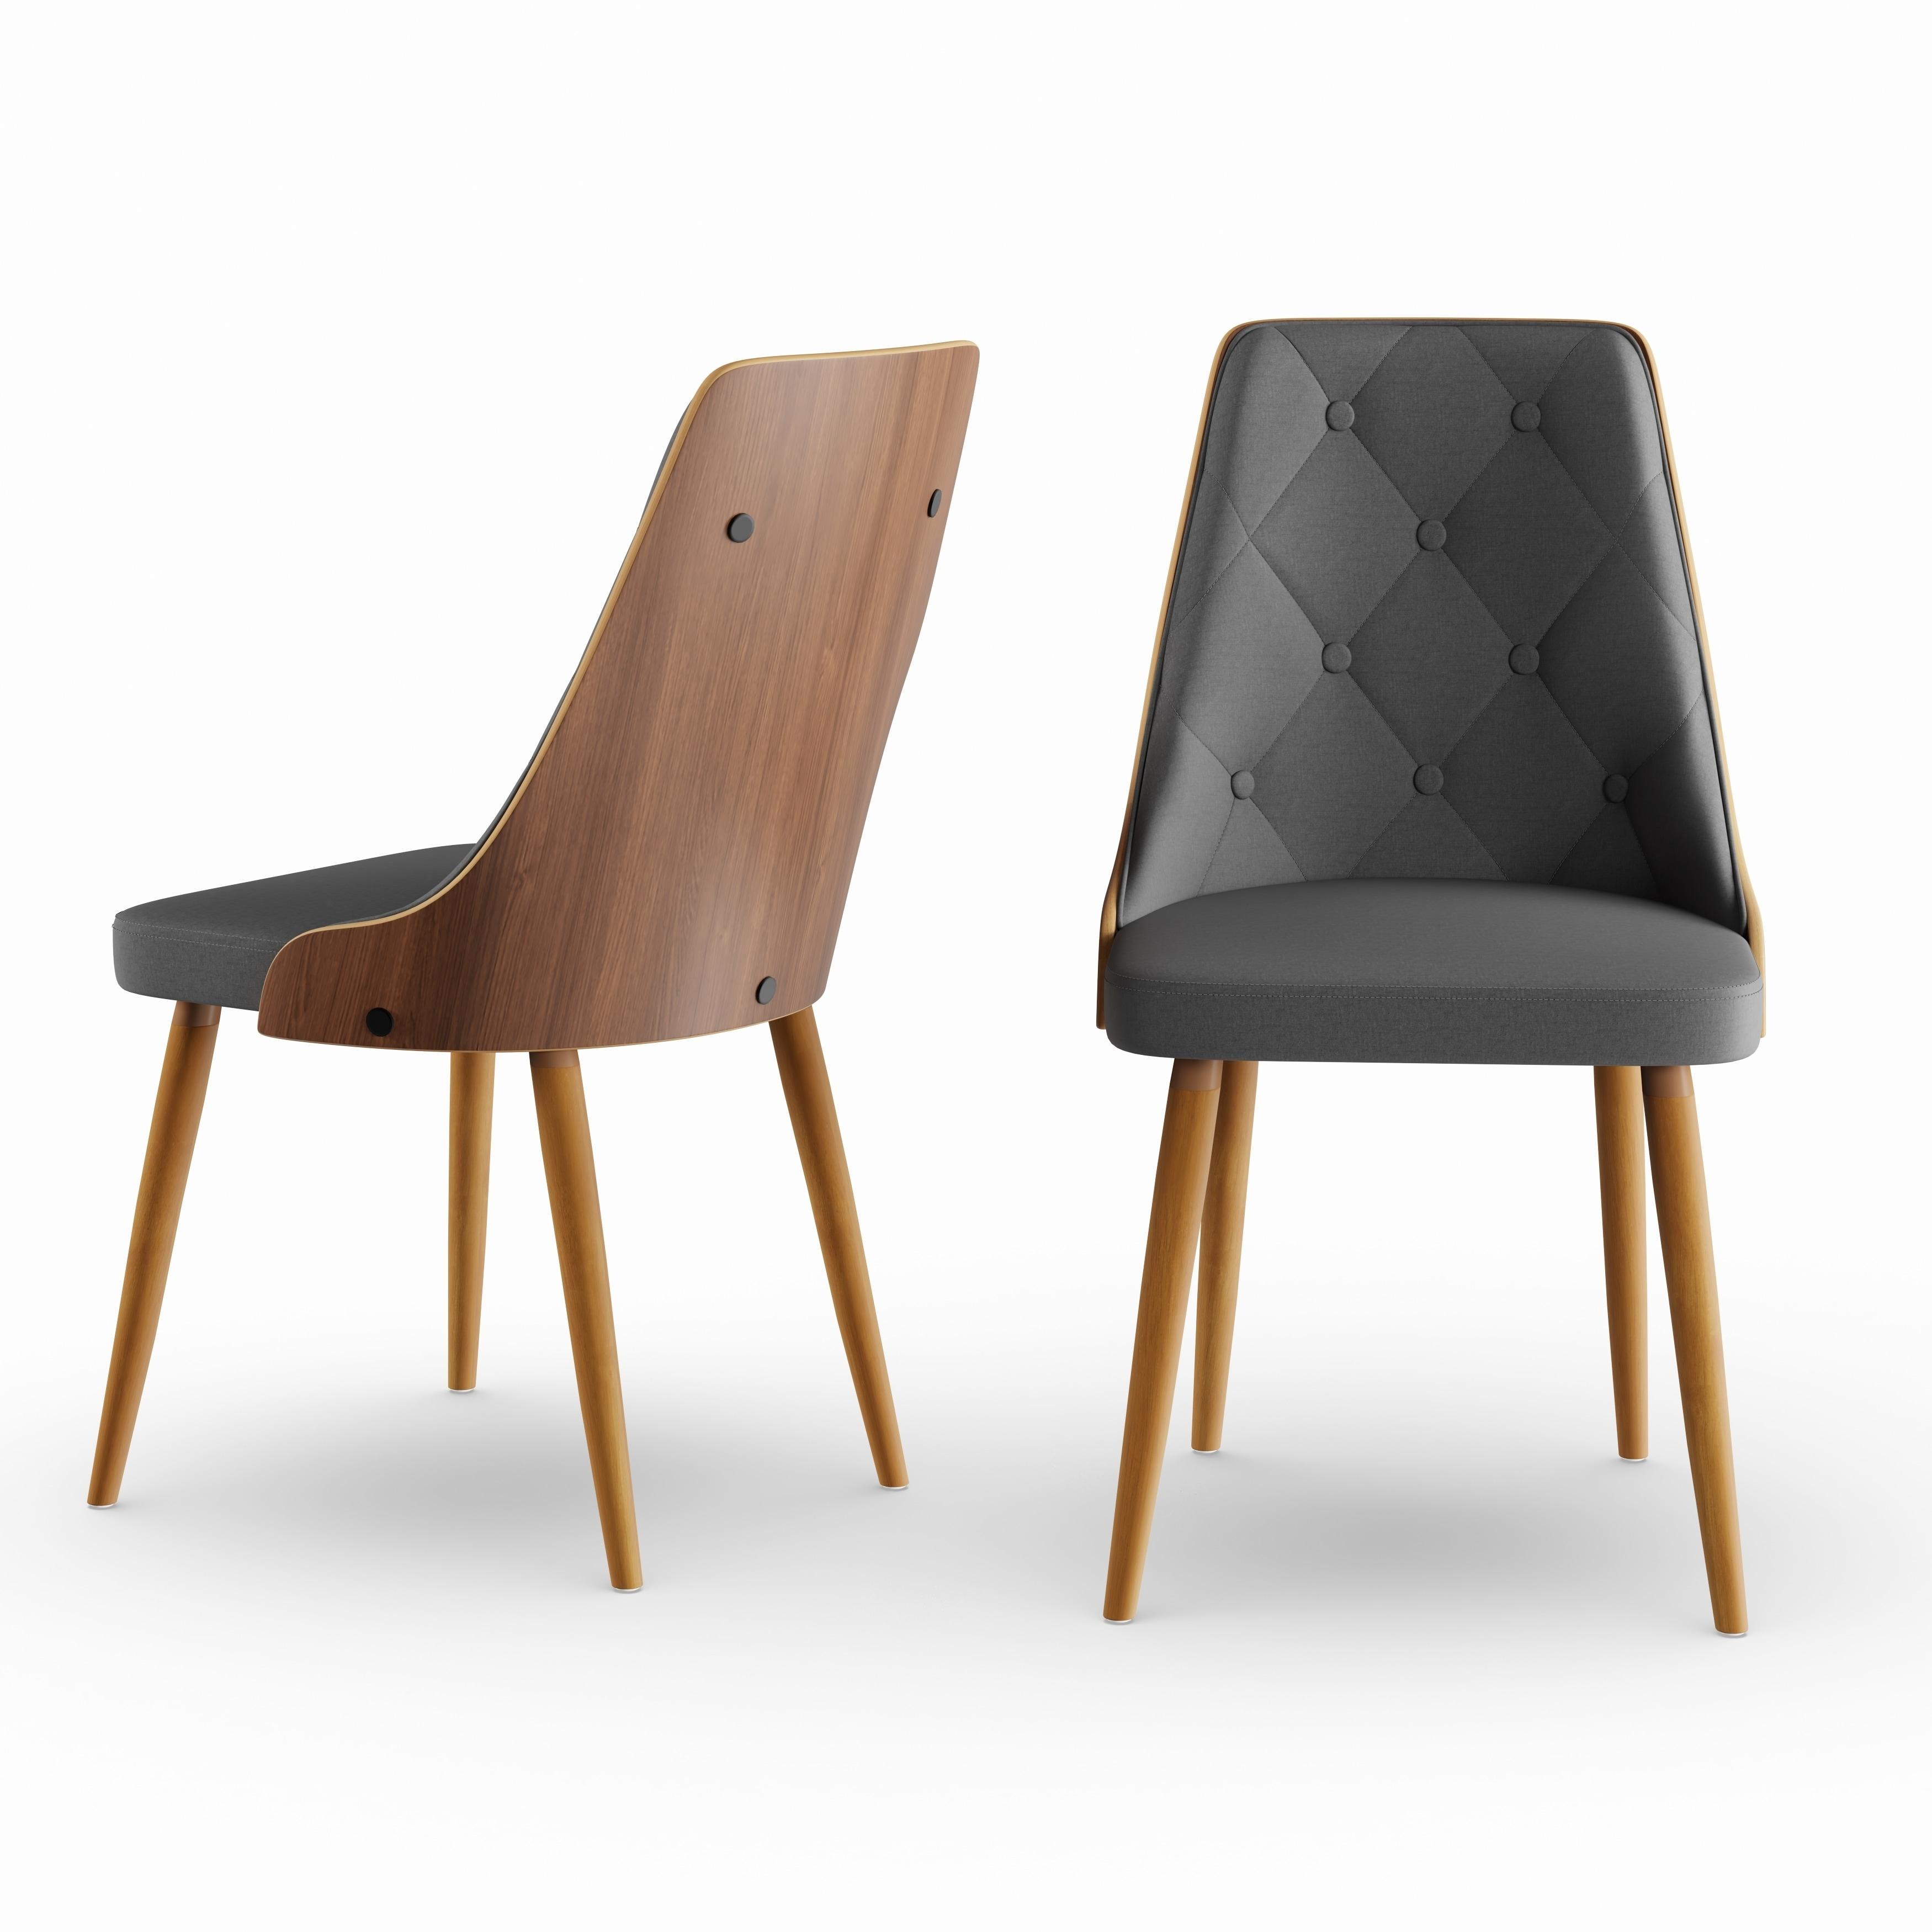 Carson carrington arvika mid century modern walnut wood dining chair